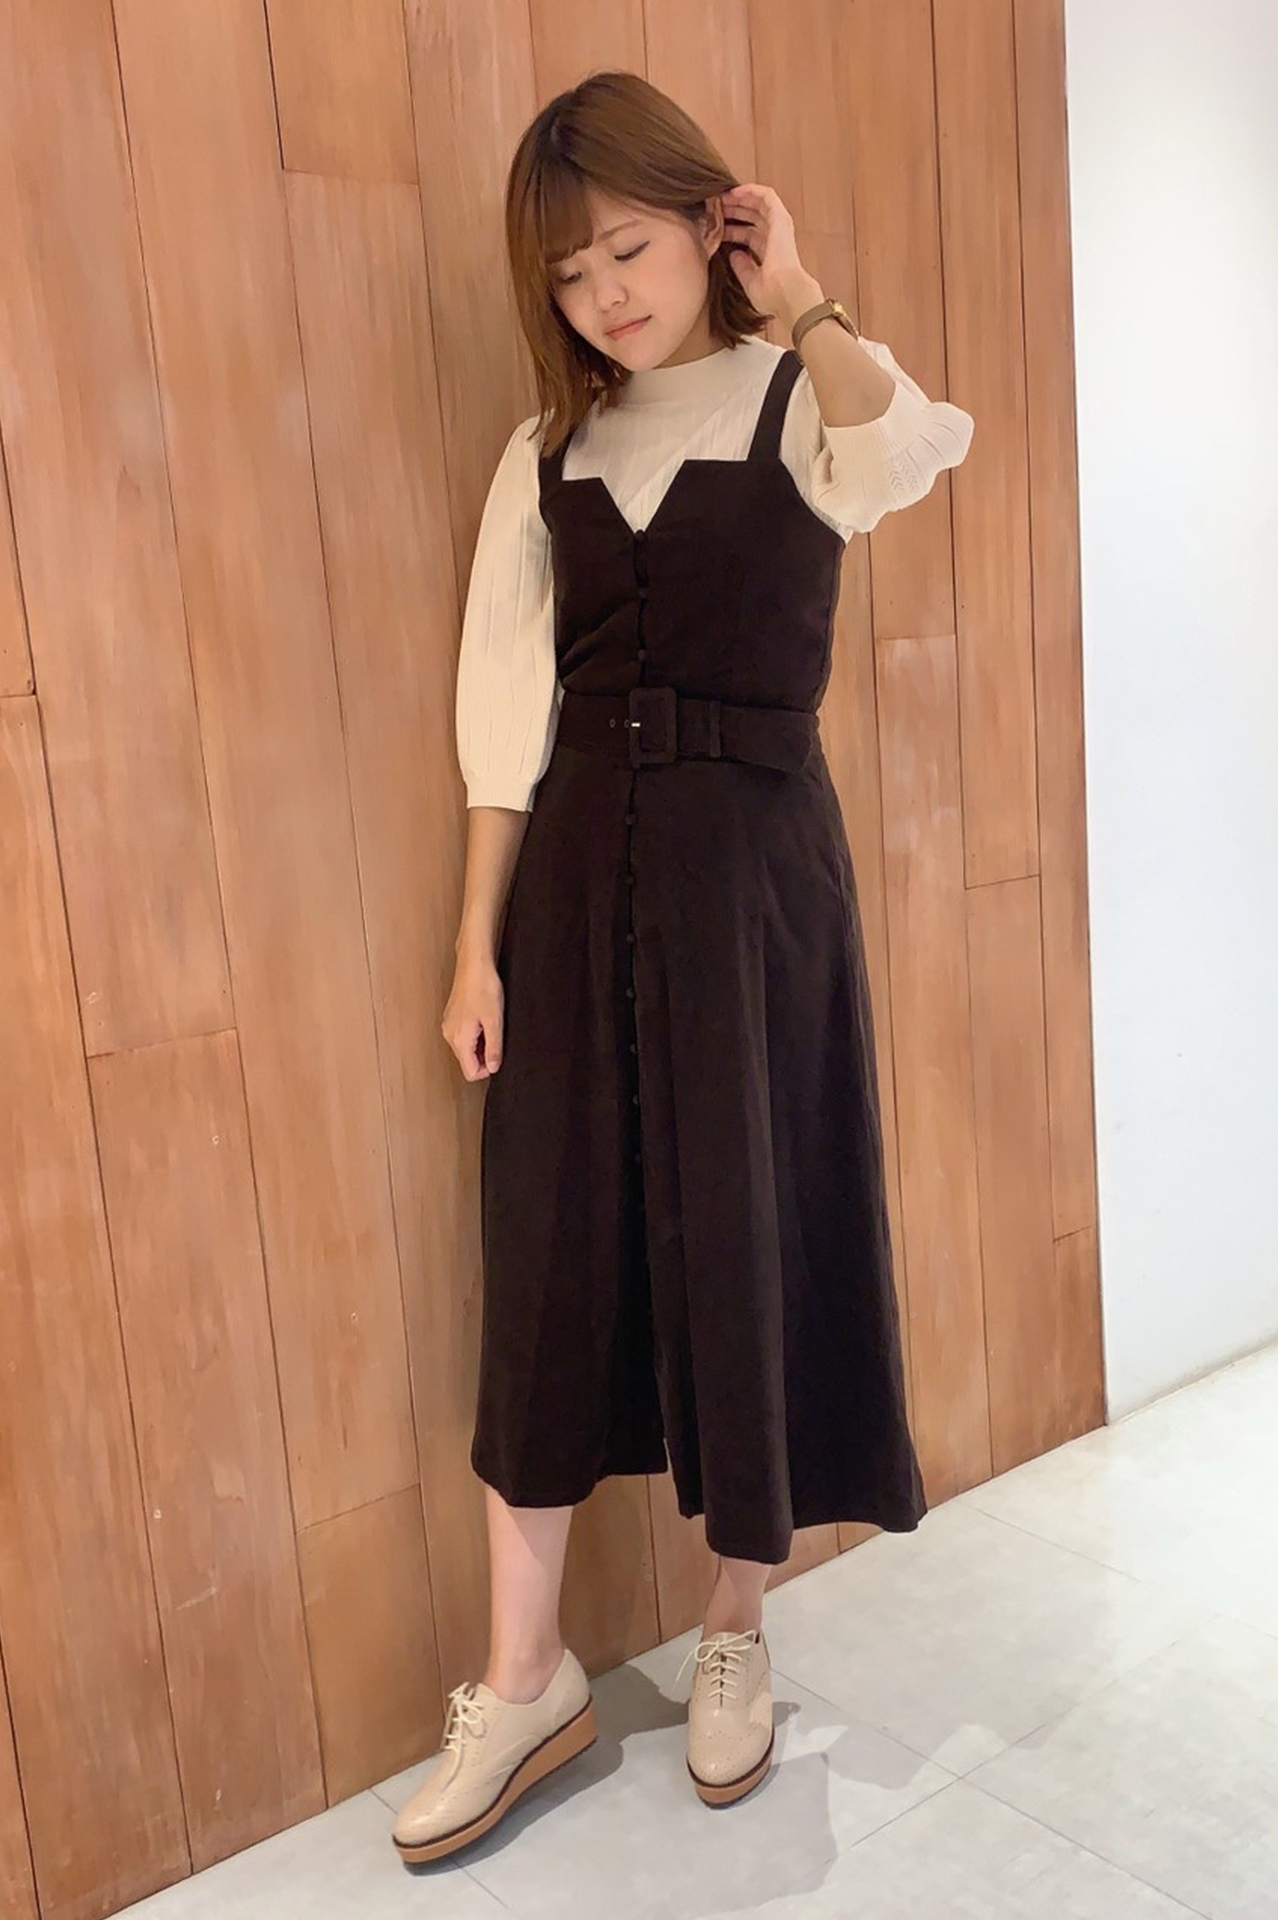 暖かみ漂うコーデュロイのジャンパースカート♡